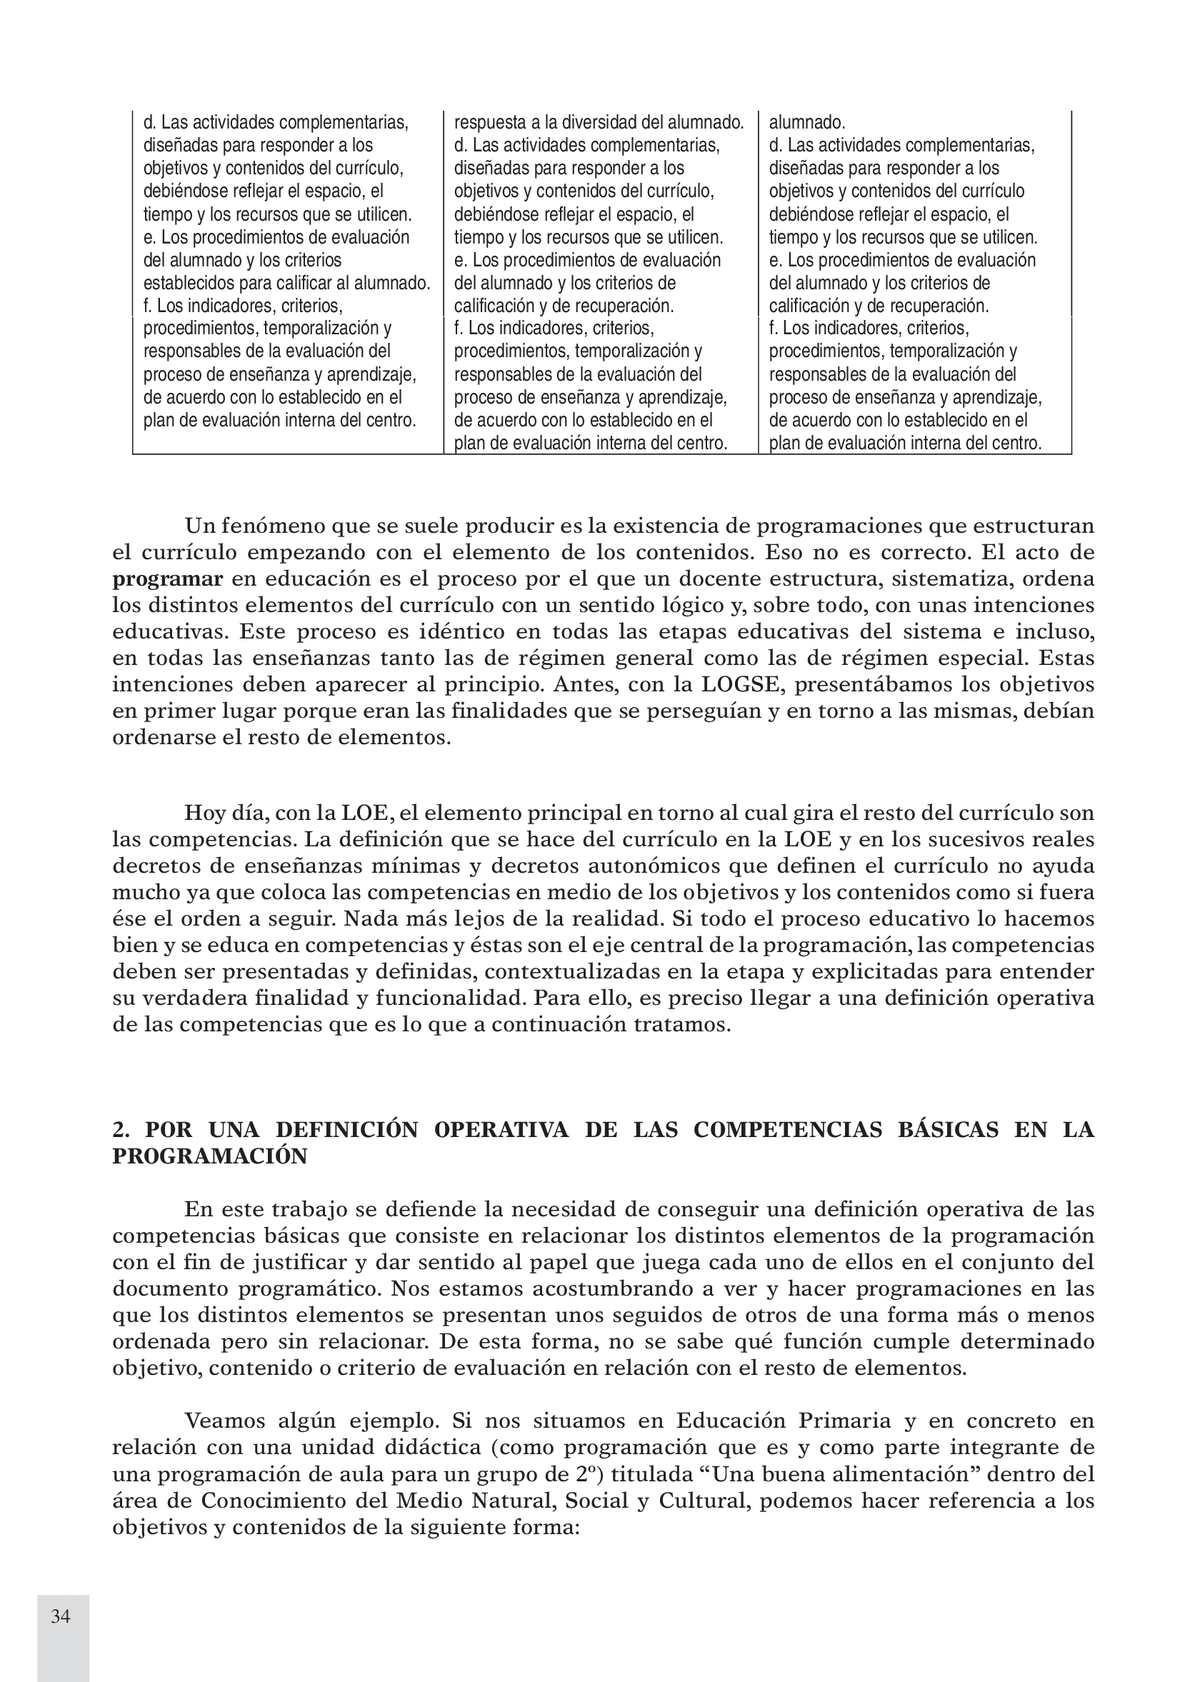 Increíble Escribir Una Plantilla Básica De Currículum Imagen ...